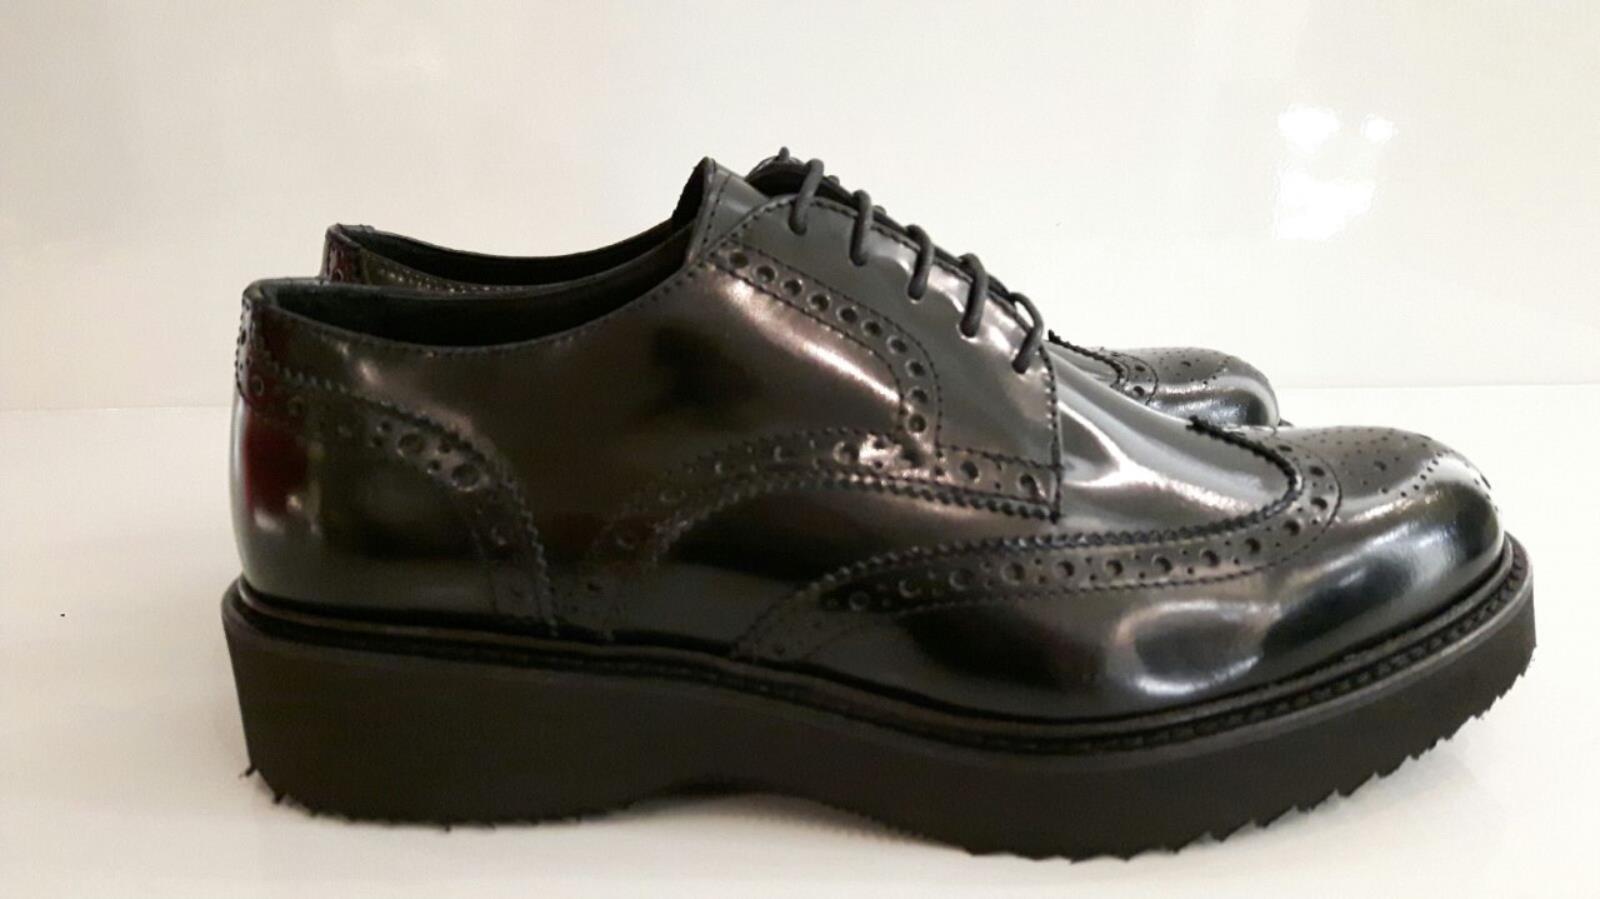 separation shoes 470e5 cce4a Marechiaro Scarpe 4288 | Campo Moda